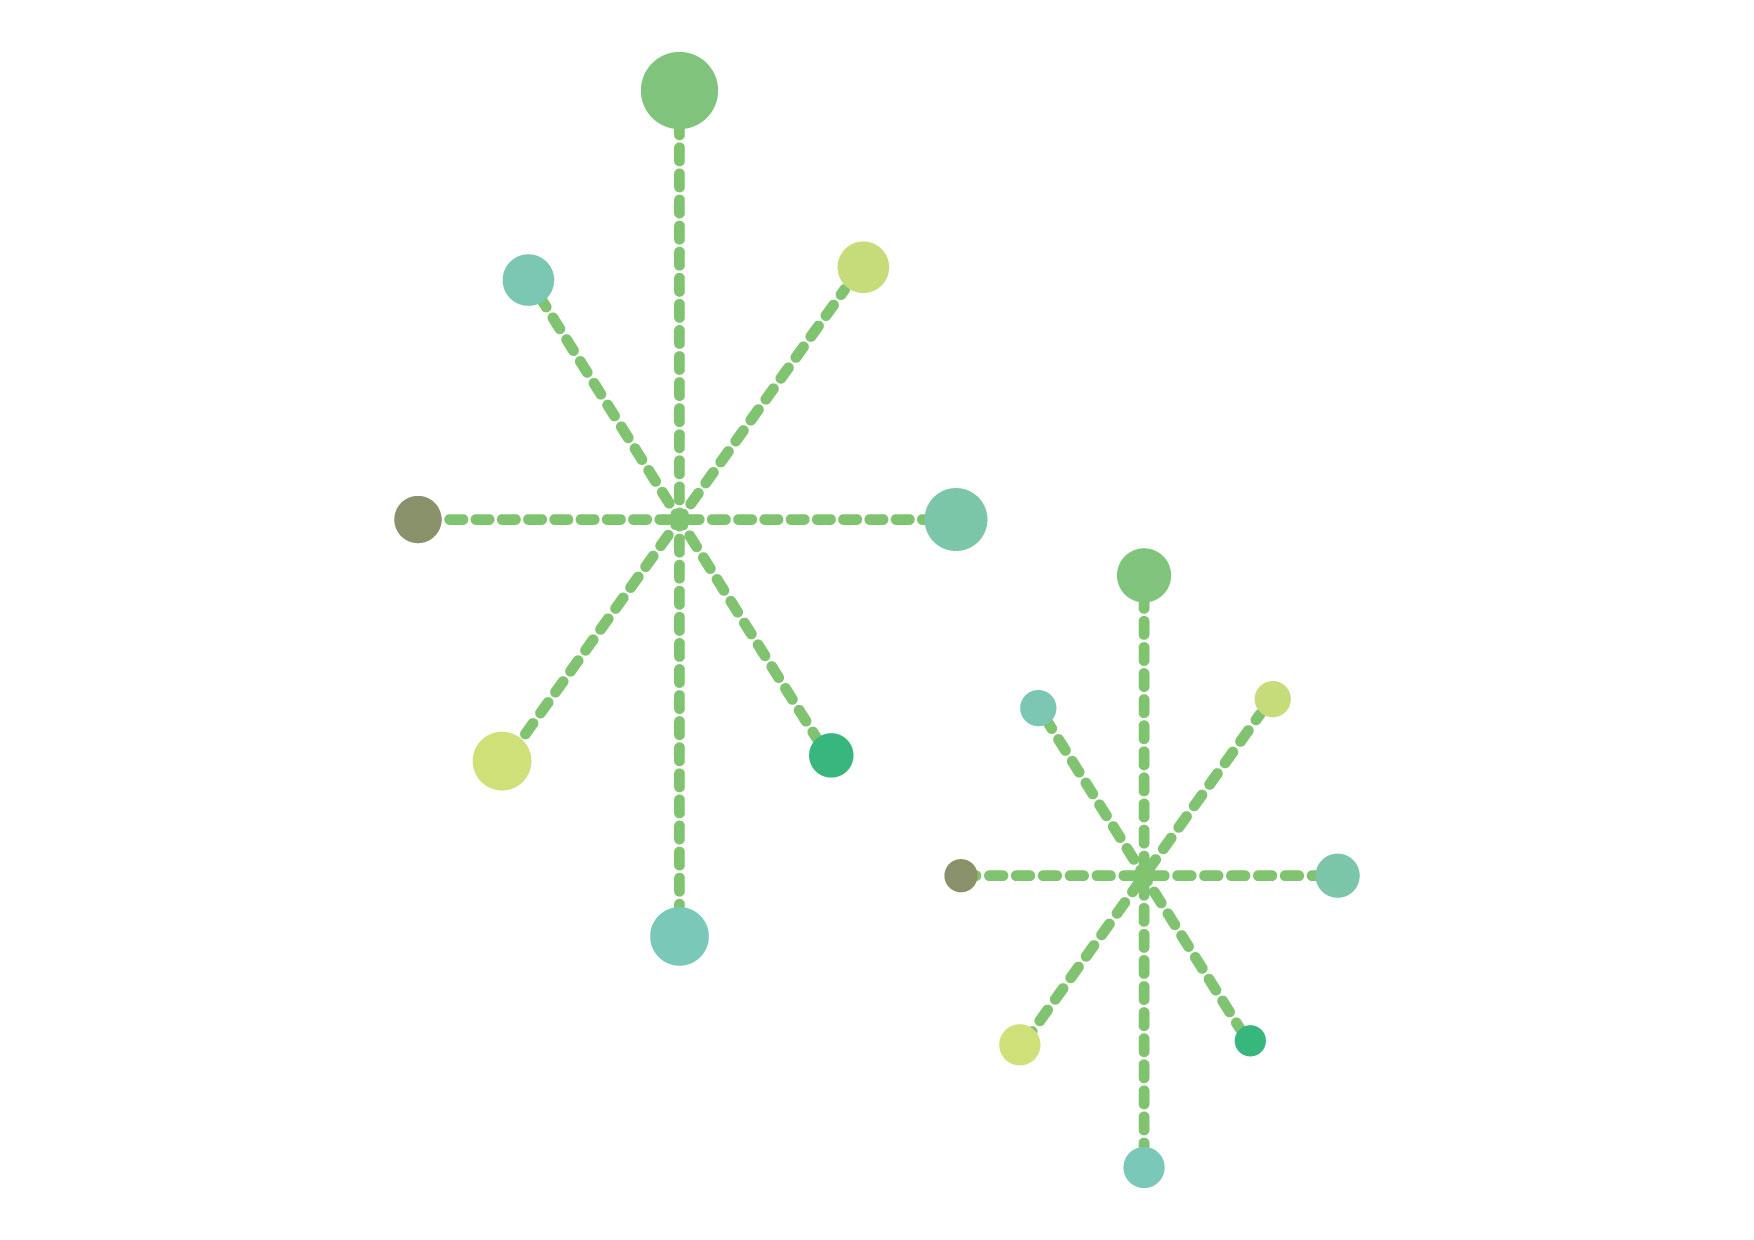 可愛いイラスト|毛糸 キラキラ 光 緑色 − free illustration n Yarn glitter light green